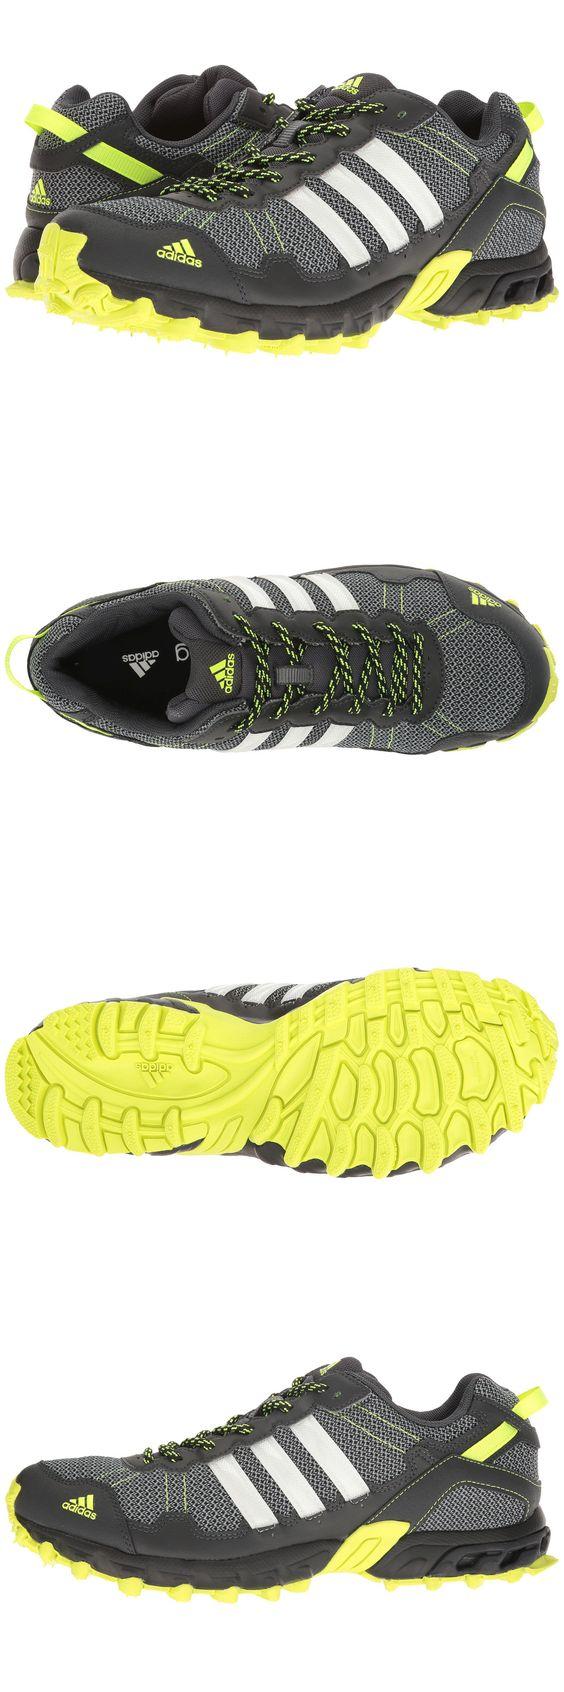 Los hombres 158952: hombre s adidas rockadia Trail gris Deporte Athletic corriendo